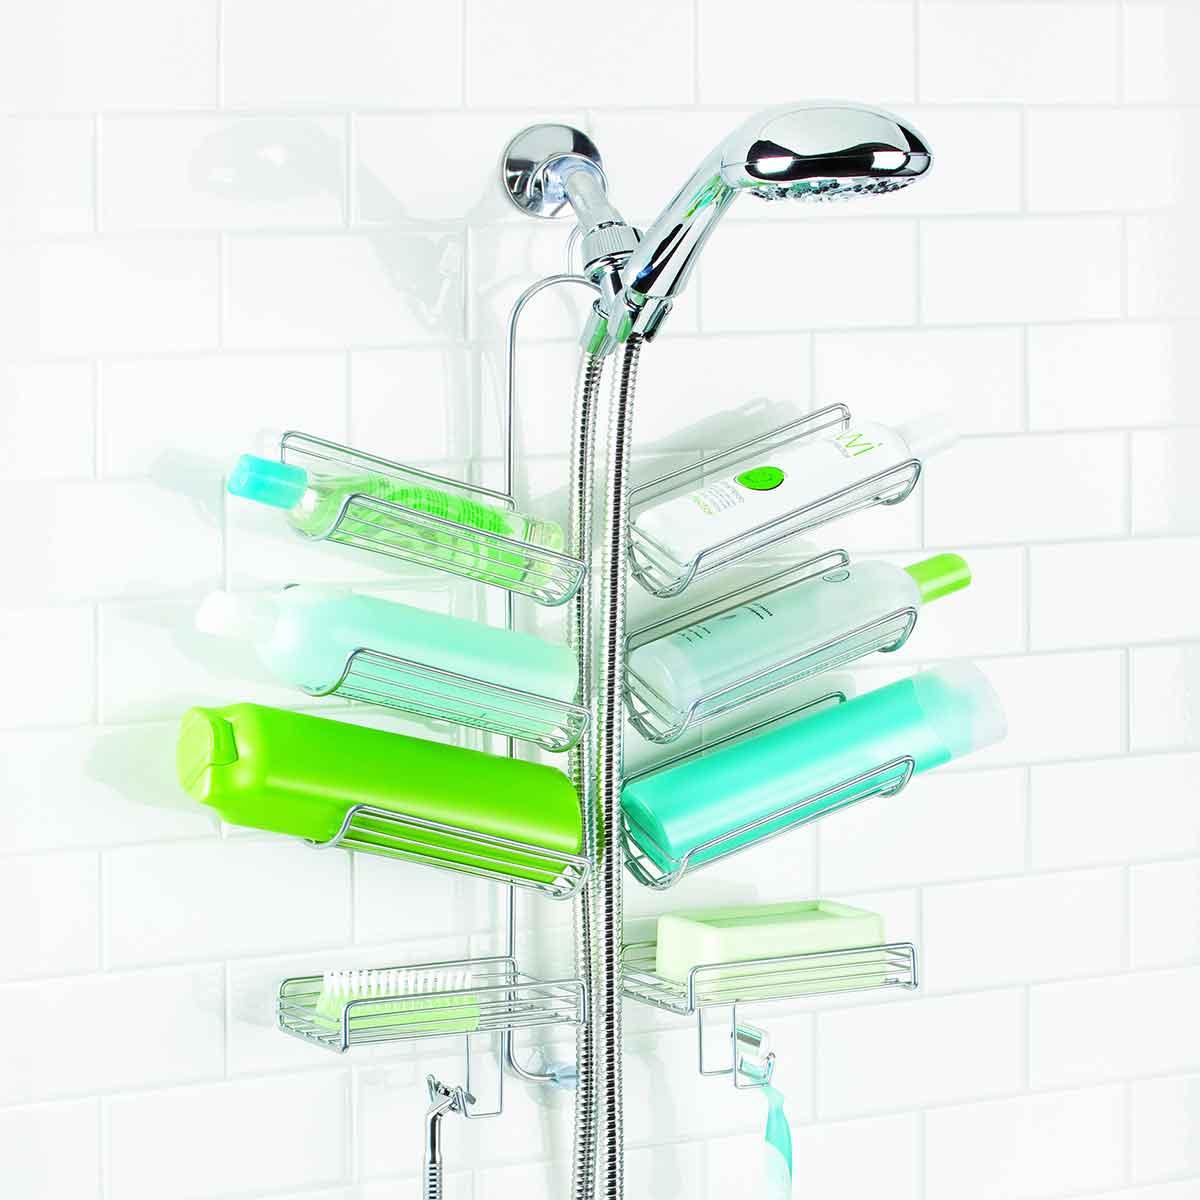 Etag re de douche pratique rangement bain - Rangement gel douche ...